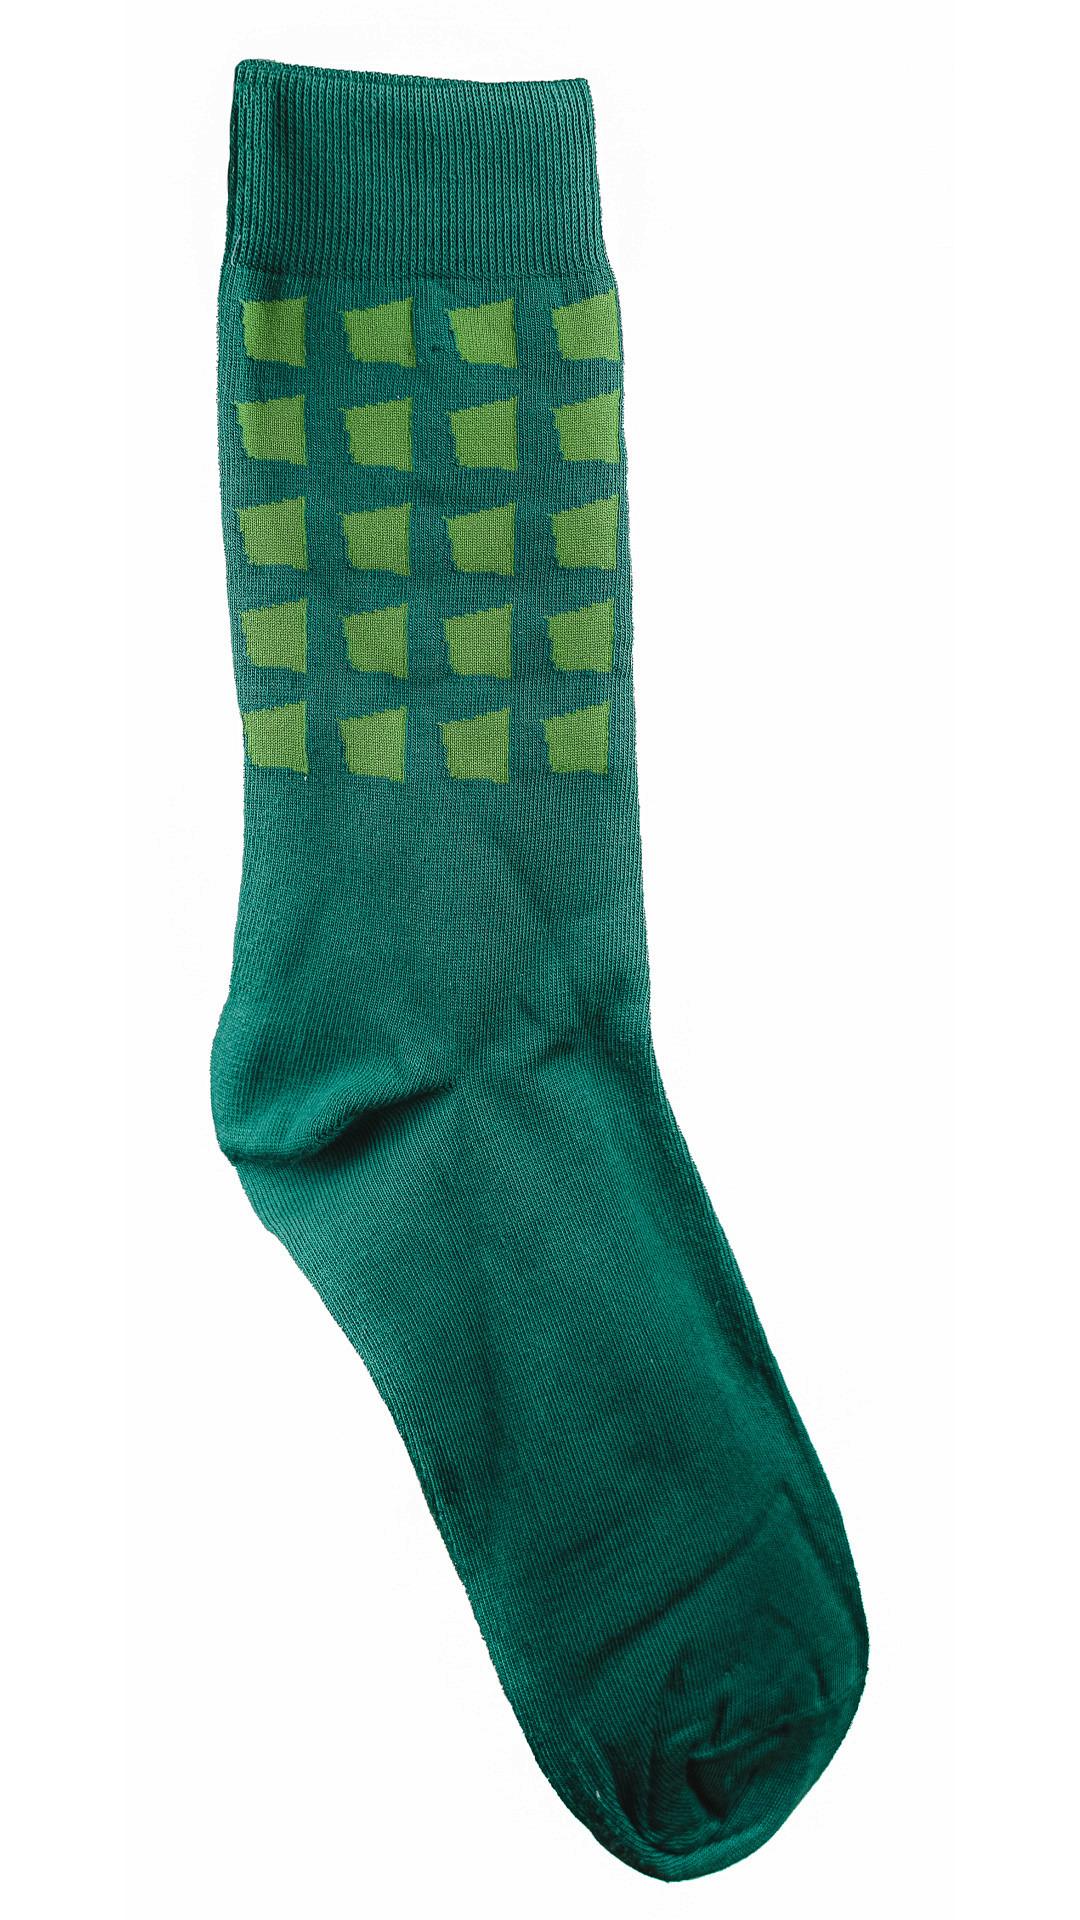 HSG Socken grün